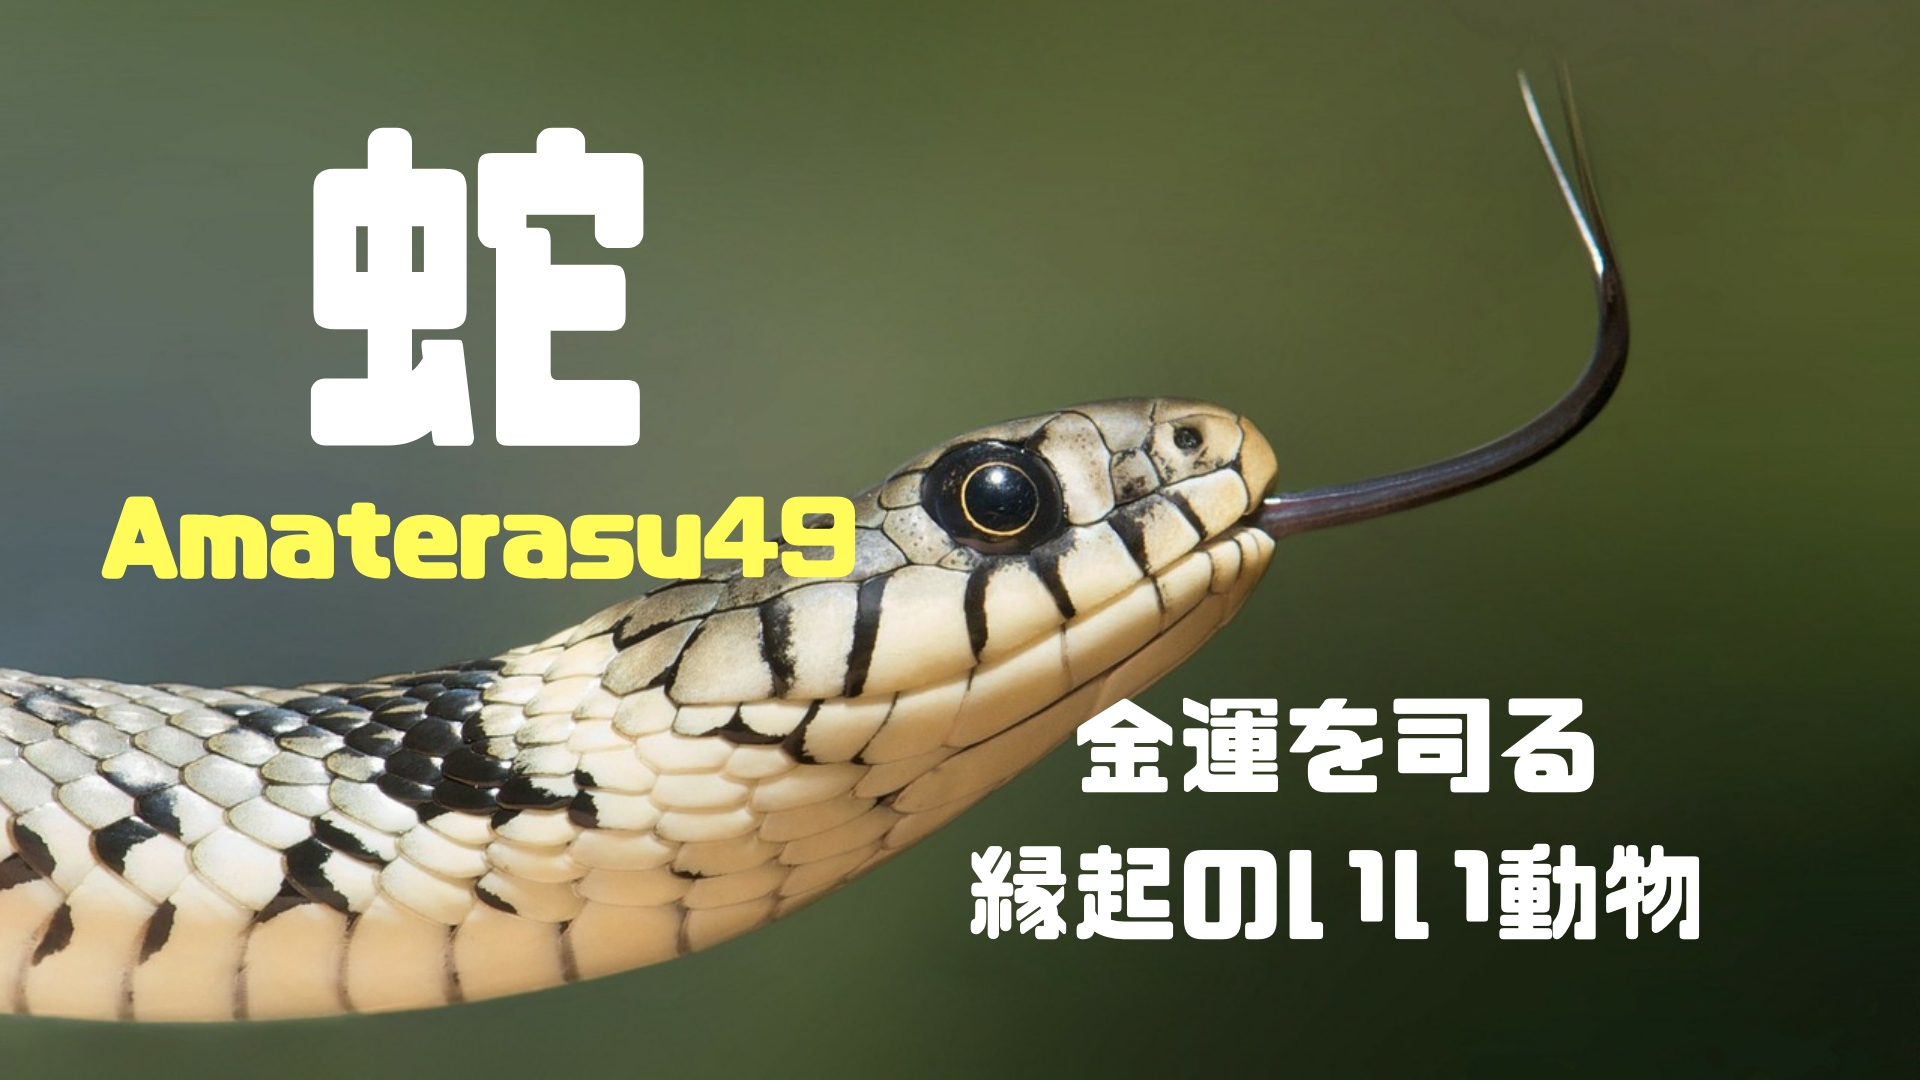 蛇のスピリチュアルな意味について解説!蛇は金運を司る縁起のいい動物?